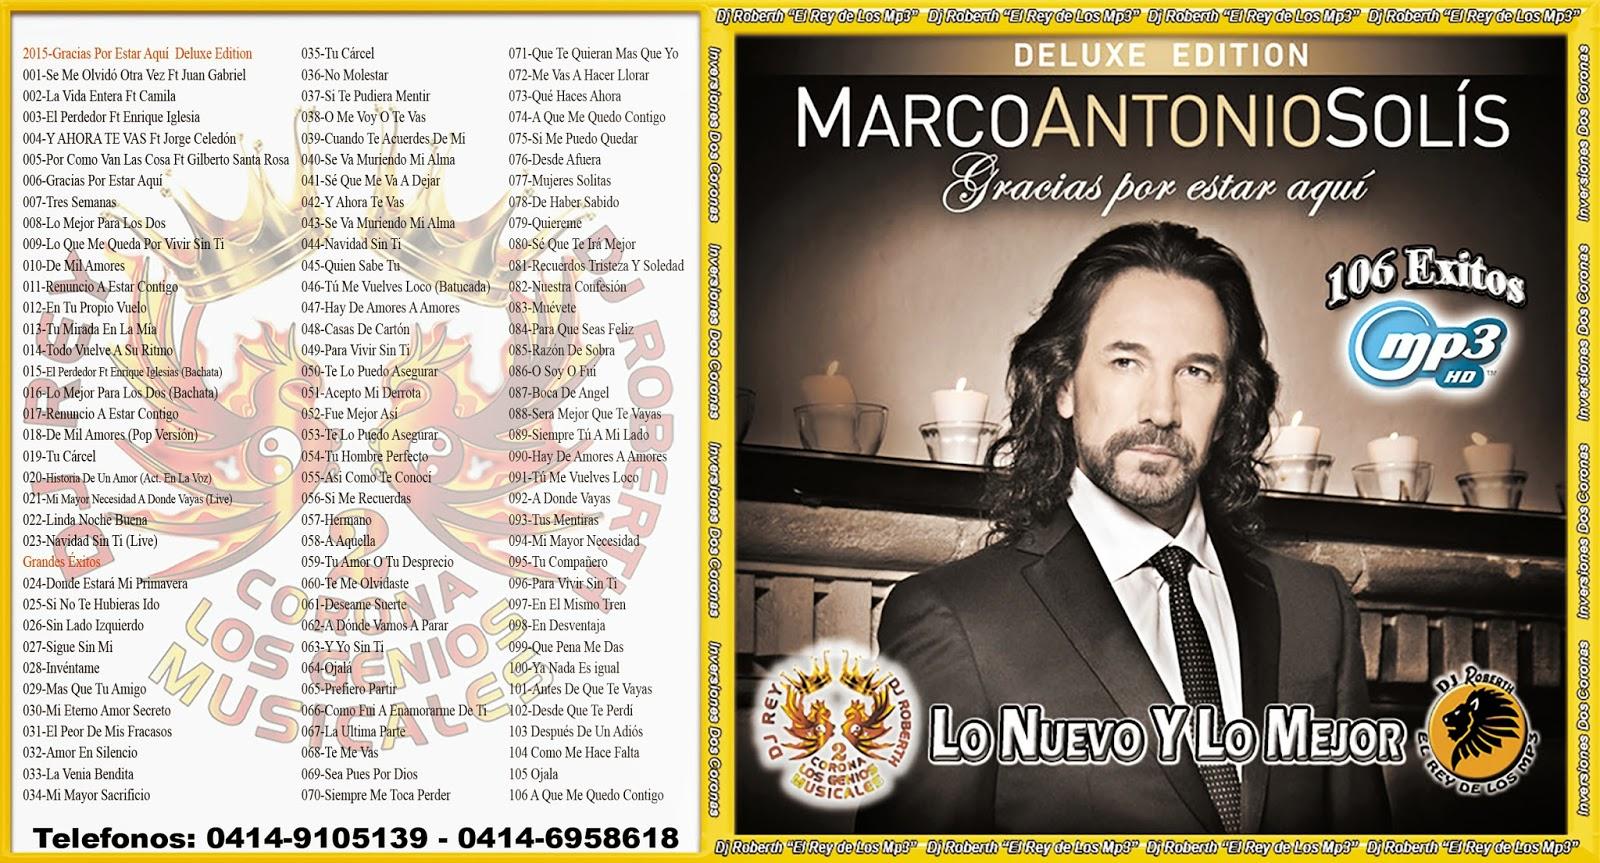 Marco Antonio Solis (Reparado) - DjRoberth El Rey De Los Mp3